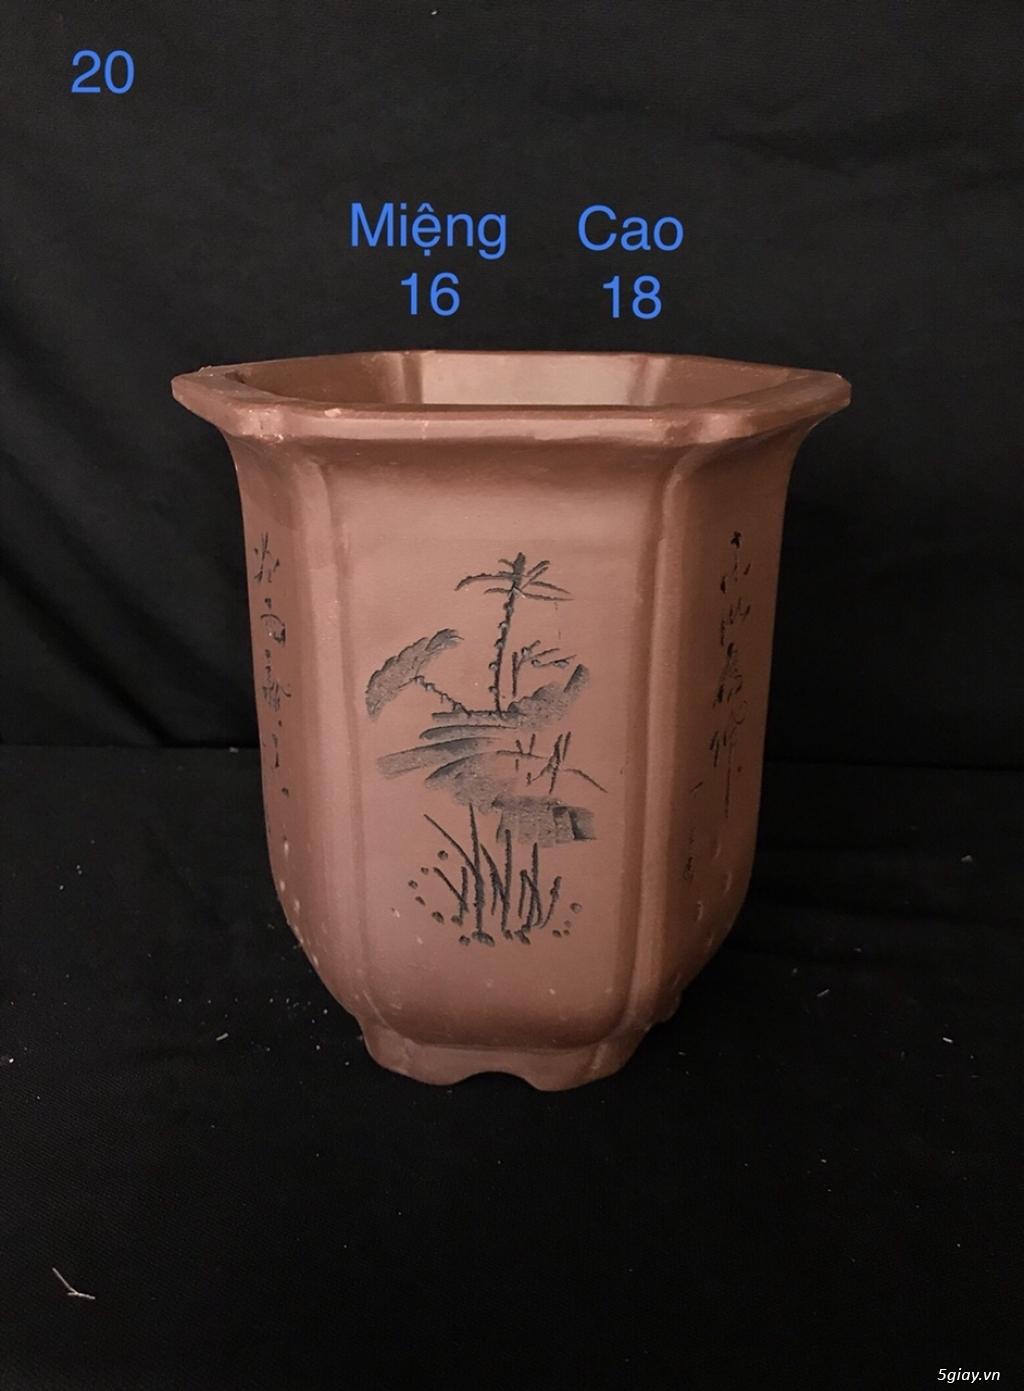 Chậu cây bonsai nhập khẩu, đẹp, có giá sỉ và lẻ cho a/e, 0962118575 - 14